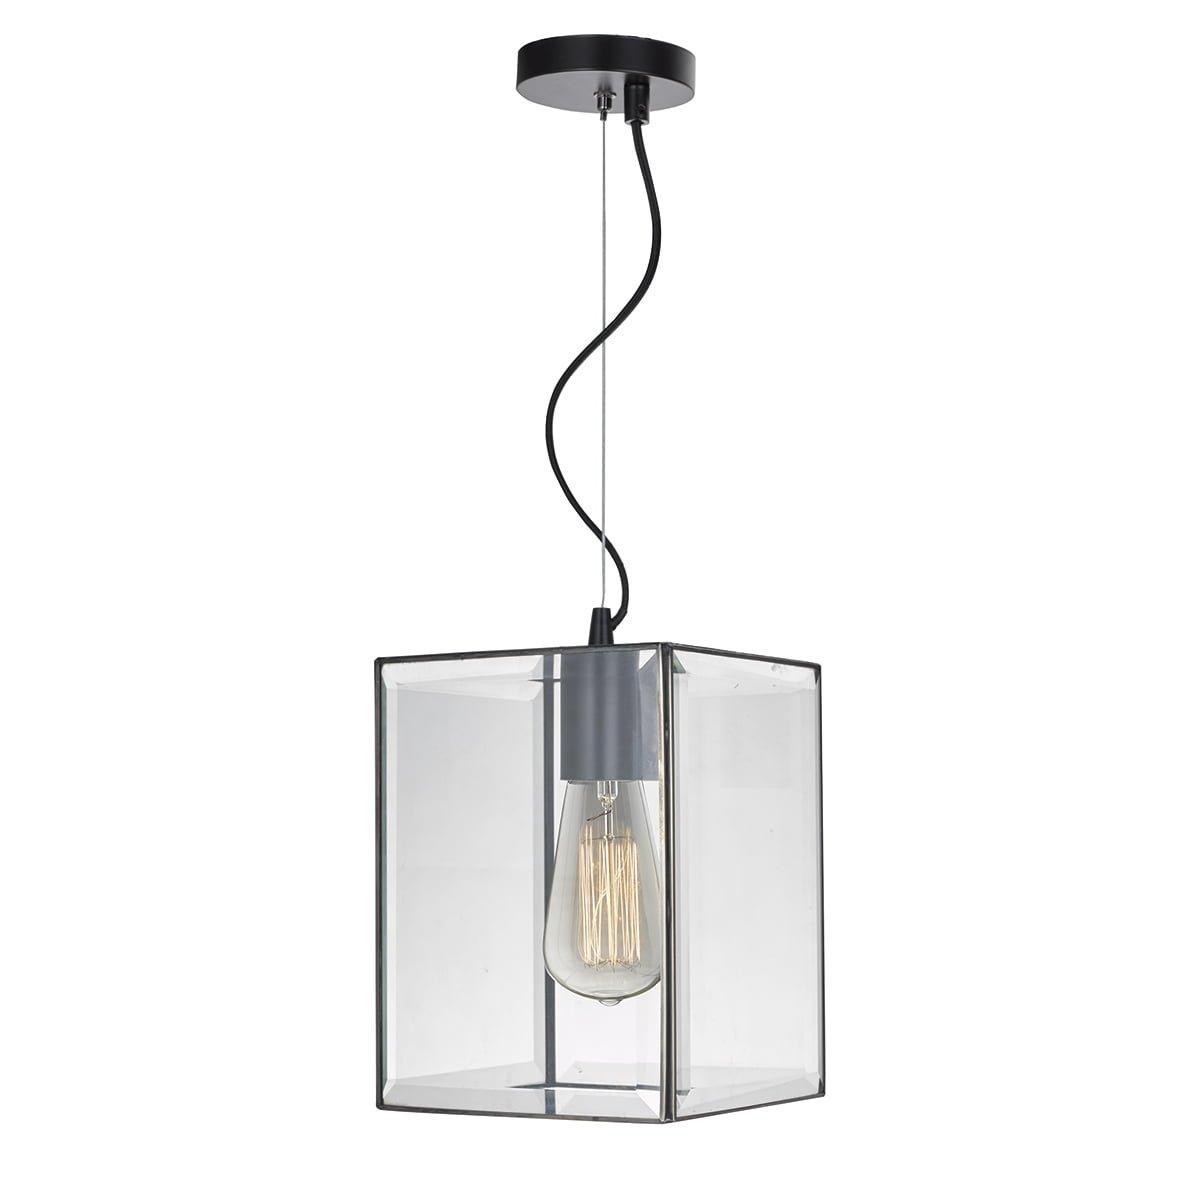 Dar LEN0122 Lento 1 Light Lantern Pendant in Black